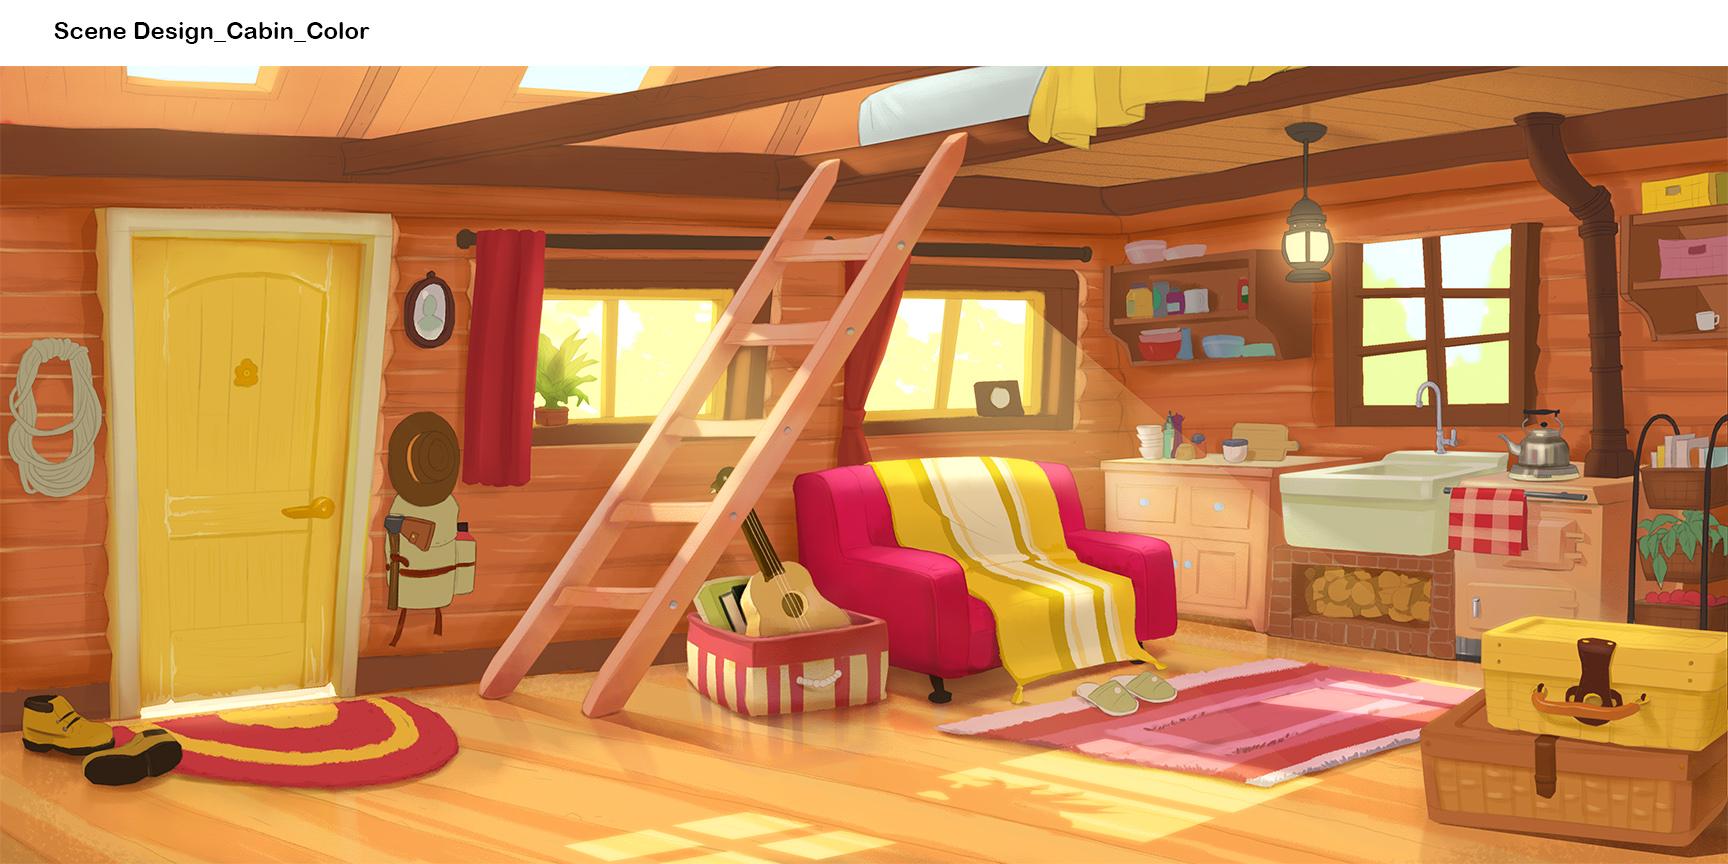 DesignIsland_scene_Cabin_Color